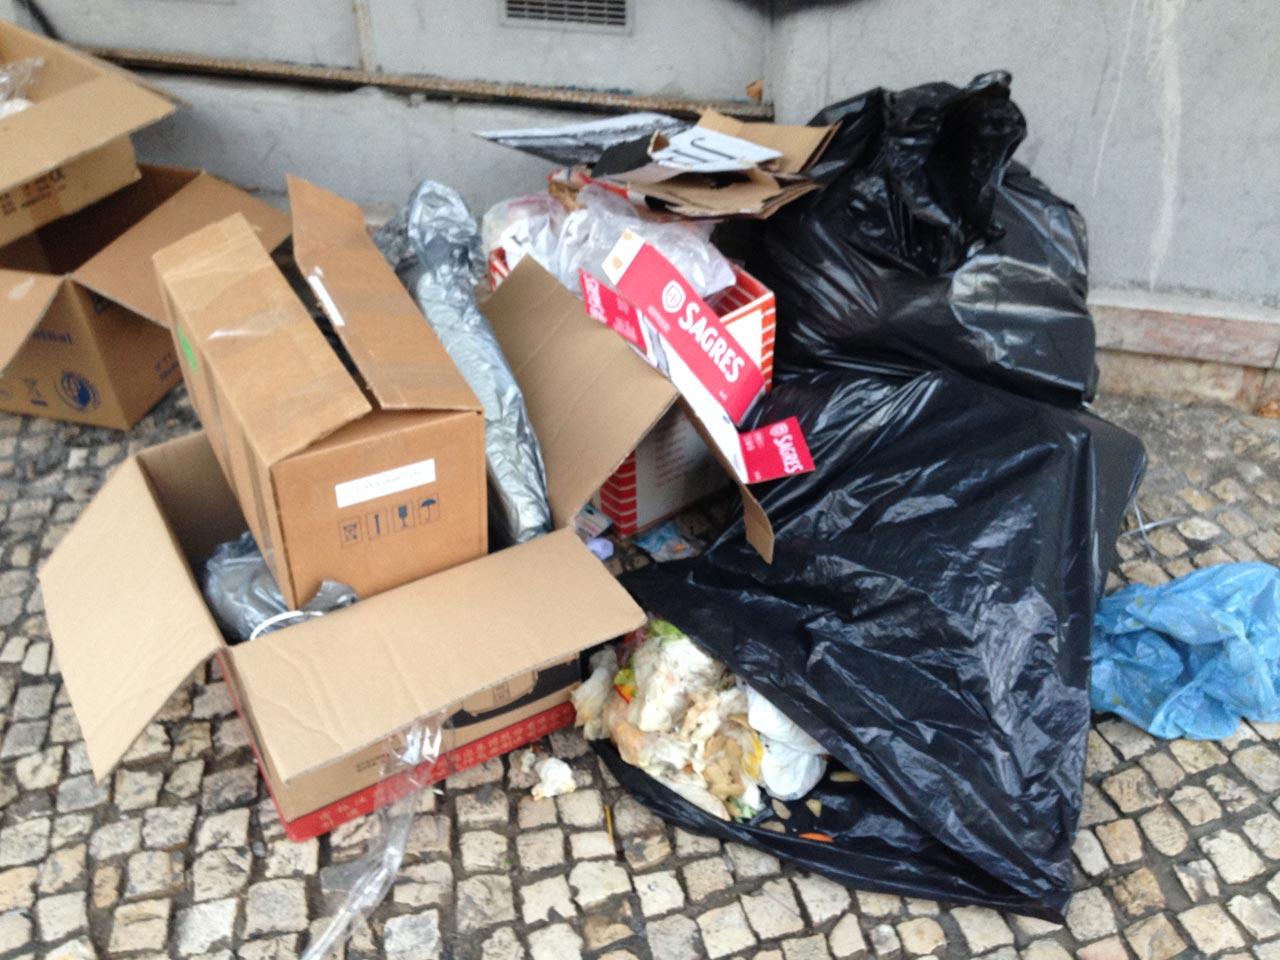 Lixo na rua em Lisboa - Pedro Rebelo